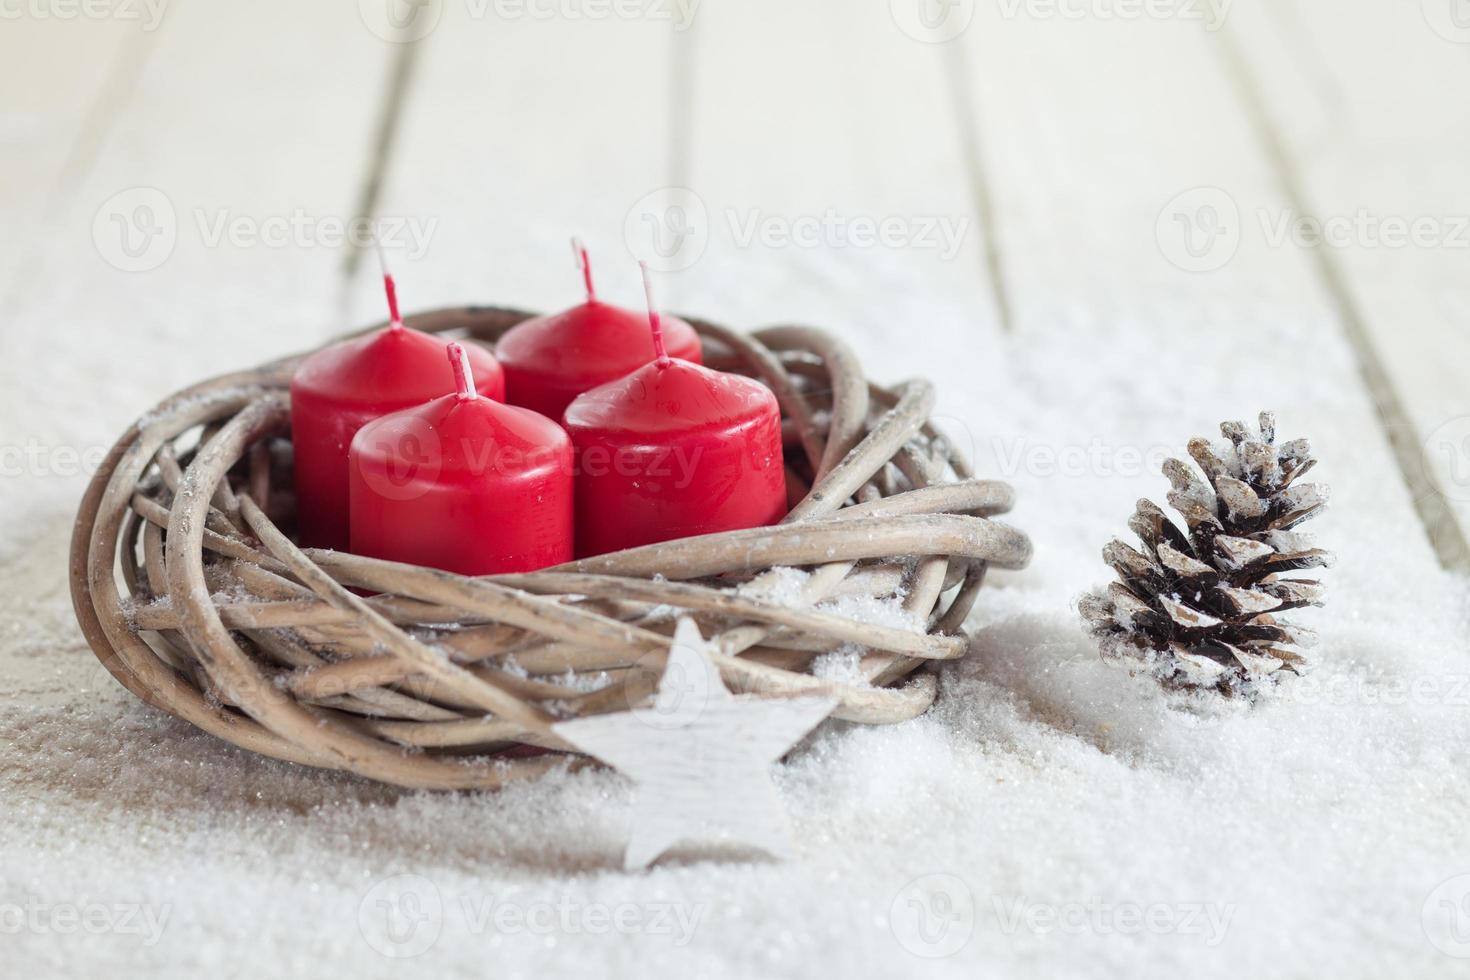 couronne, bougies rouges, étoile en bois, cône de sapin, espace copie photo